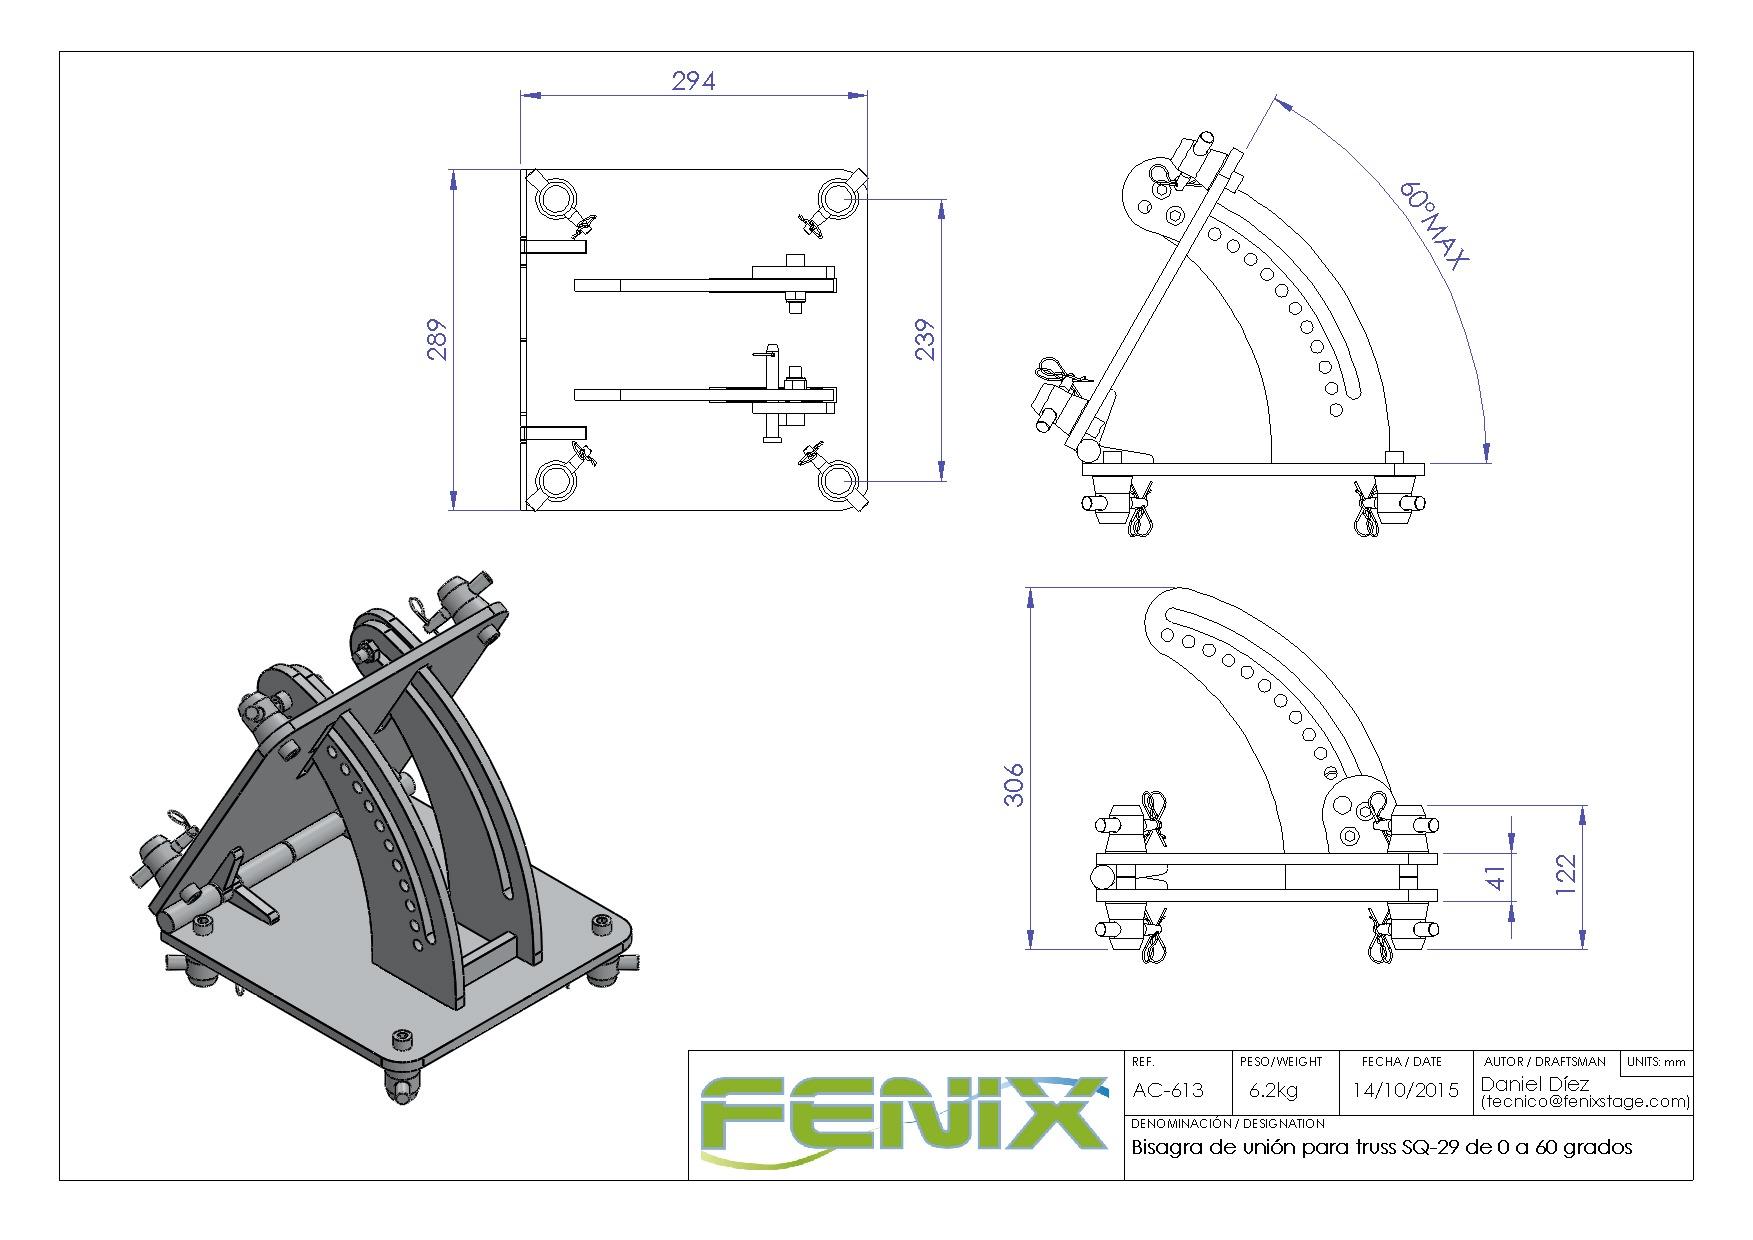 Bisagra de Unión para Truss Fenix AC-613